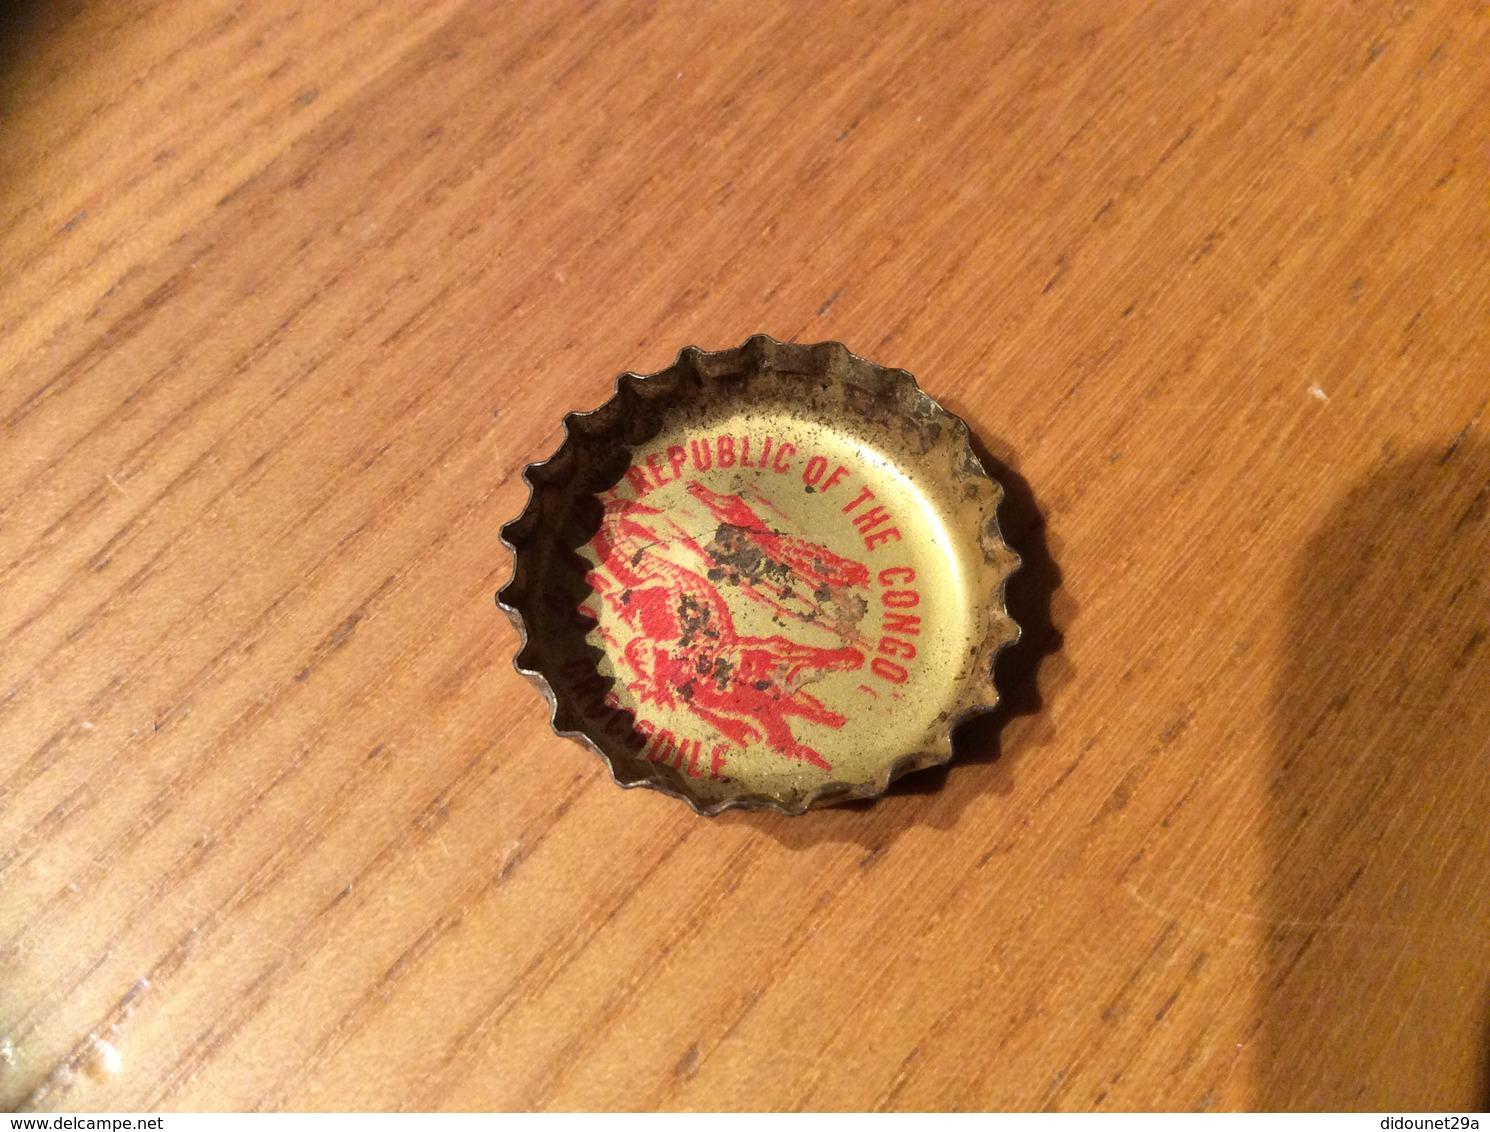 """Ancienne Capsule """"Coke N°20 - REPUBLIC OF THE CONGO - CROCODILE""""Etats-Unis (USA) Coca-Cola, Série Pays (Liège Enlevé) - Soda"""